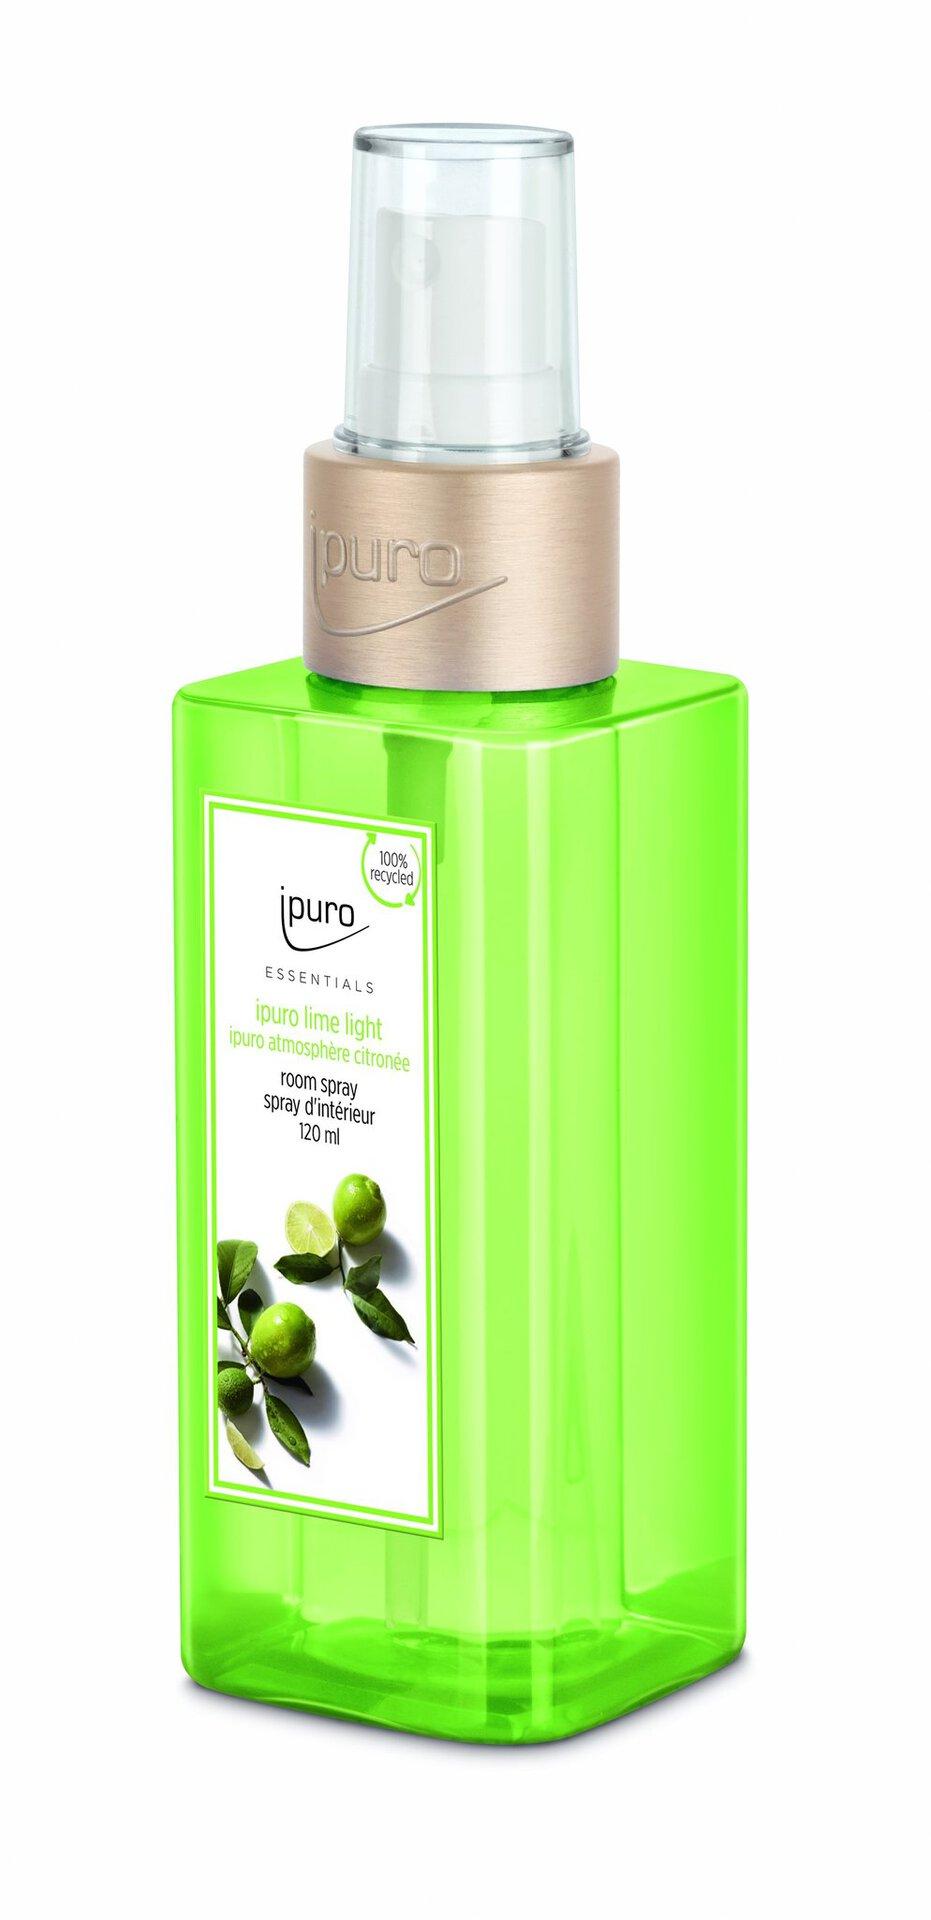 Raumduft lime light ipuro Kunststoff transparent